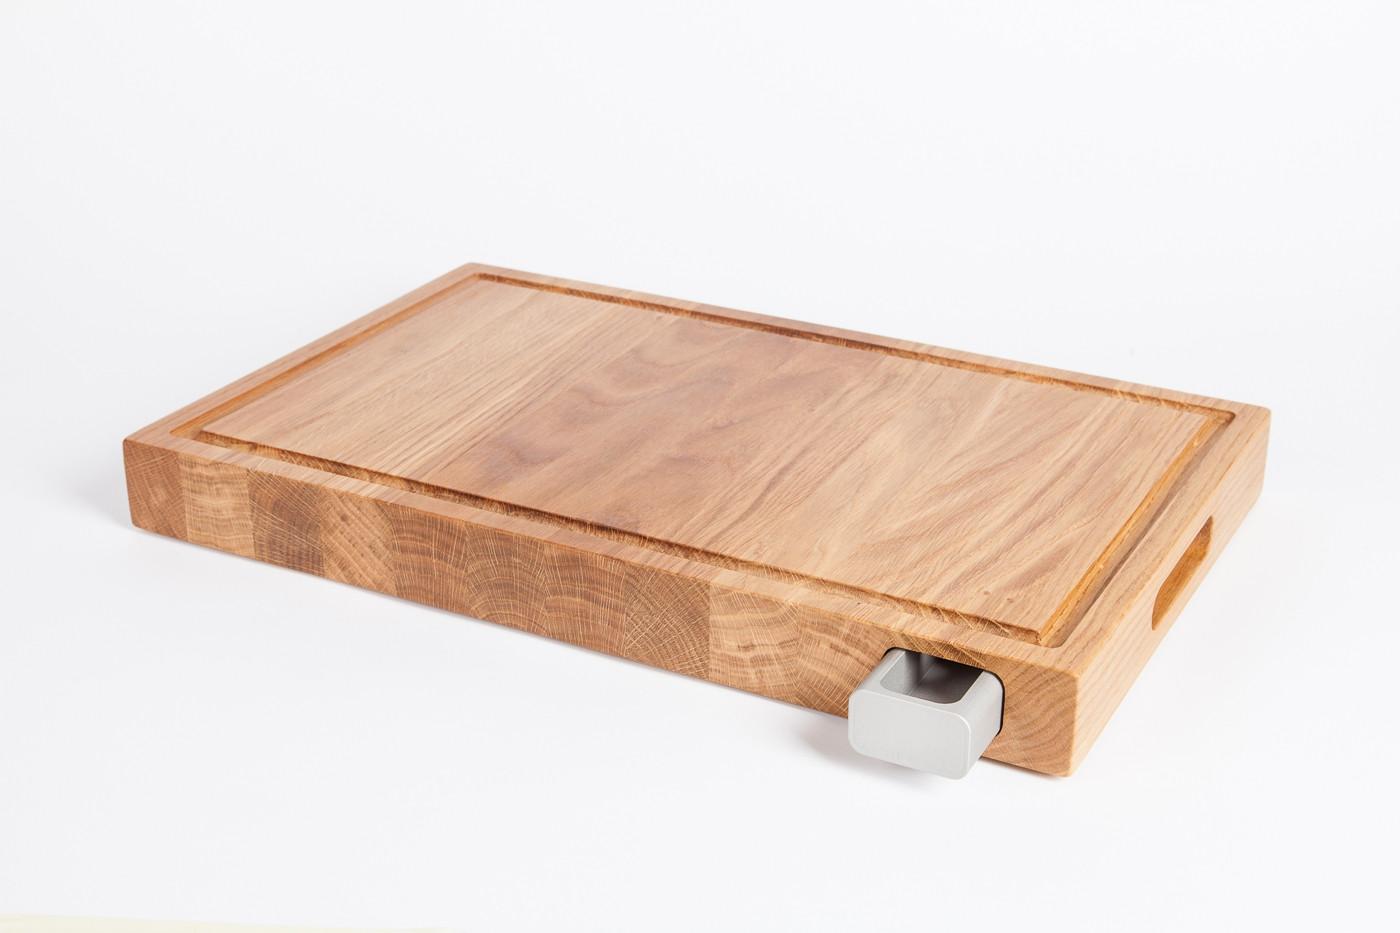 einzigartiges mit stil profi schneidebretter mit saftschublade bei unikatoo. Black Bedroom Furniture Sets. Home Design Ideas